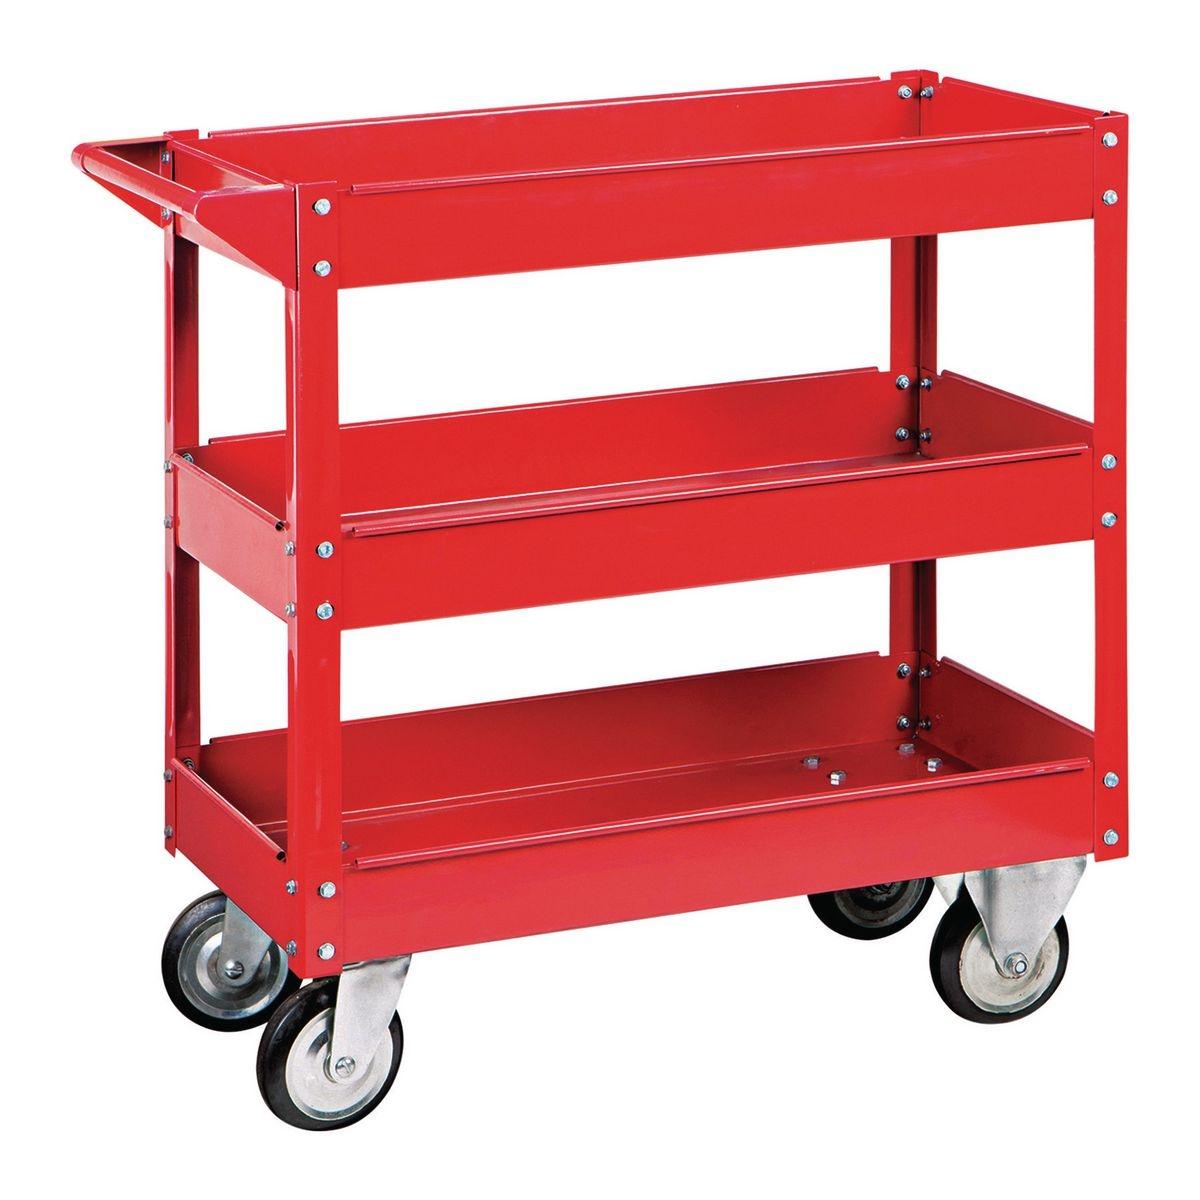 U.S. General 30 In. x 16 In. Three Shelf Steel Service Cart - Item 06650 / 61165 / 62179